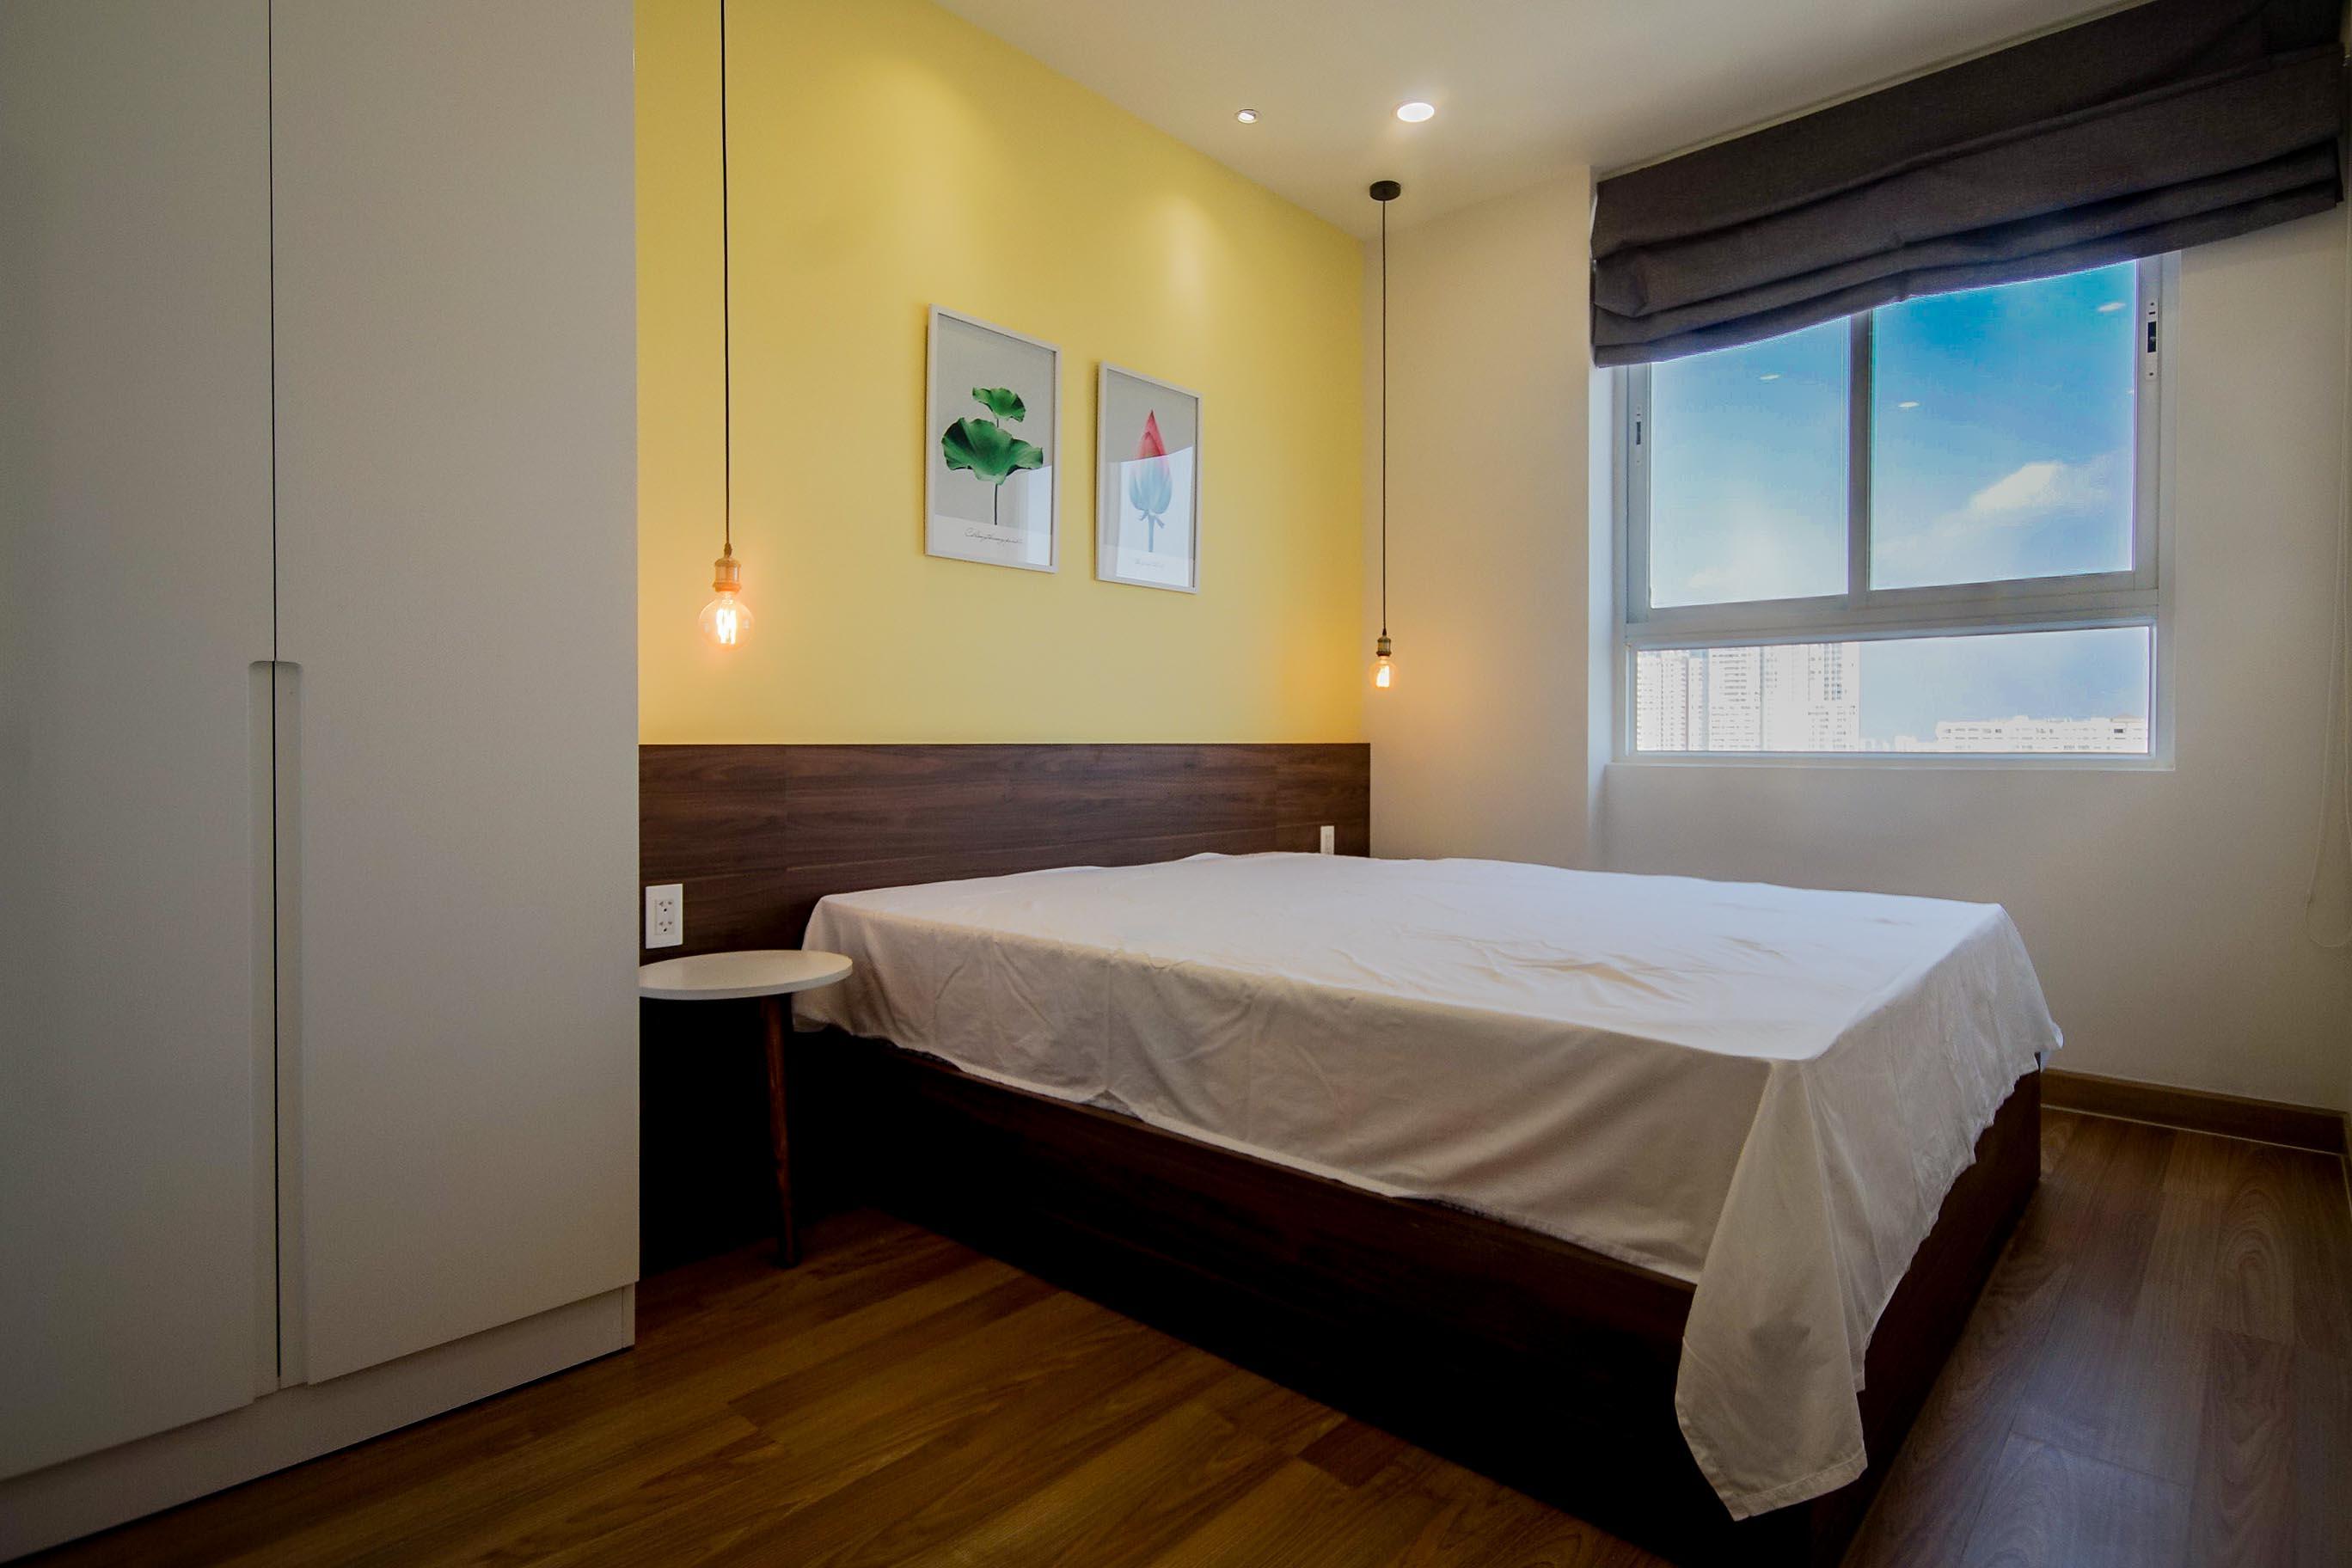 Căn hộ 1 PN Grand Riverside - Đầy Đủ Nội Thất - Không gian ấm cúng và tràn ngập ánh sáng-1